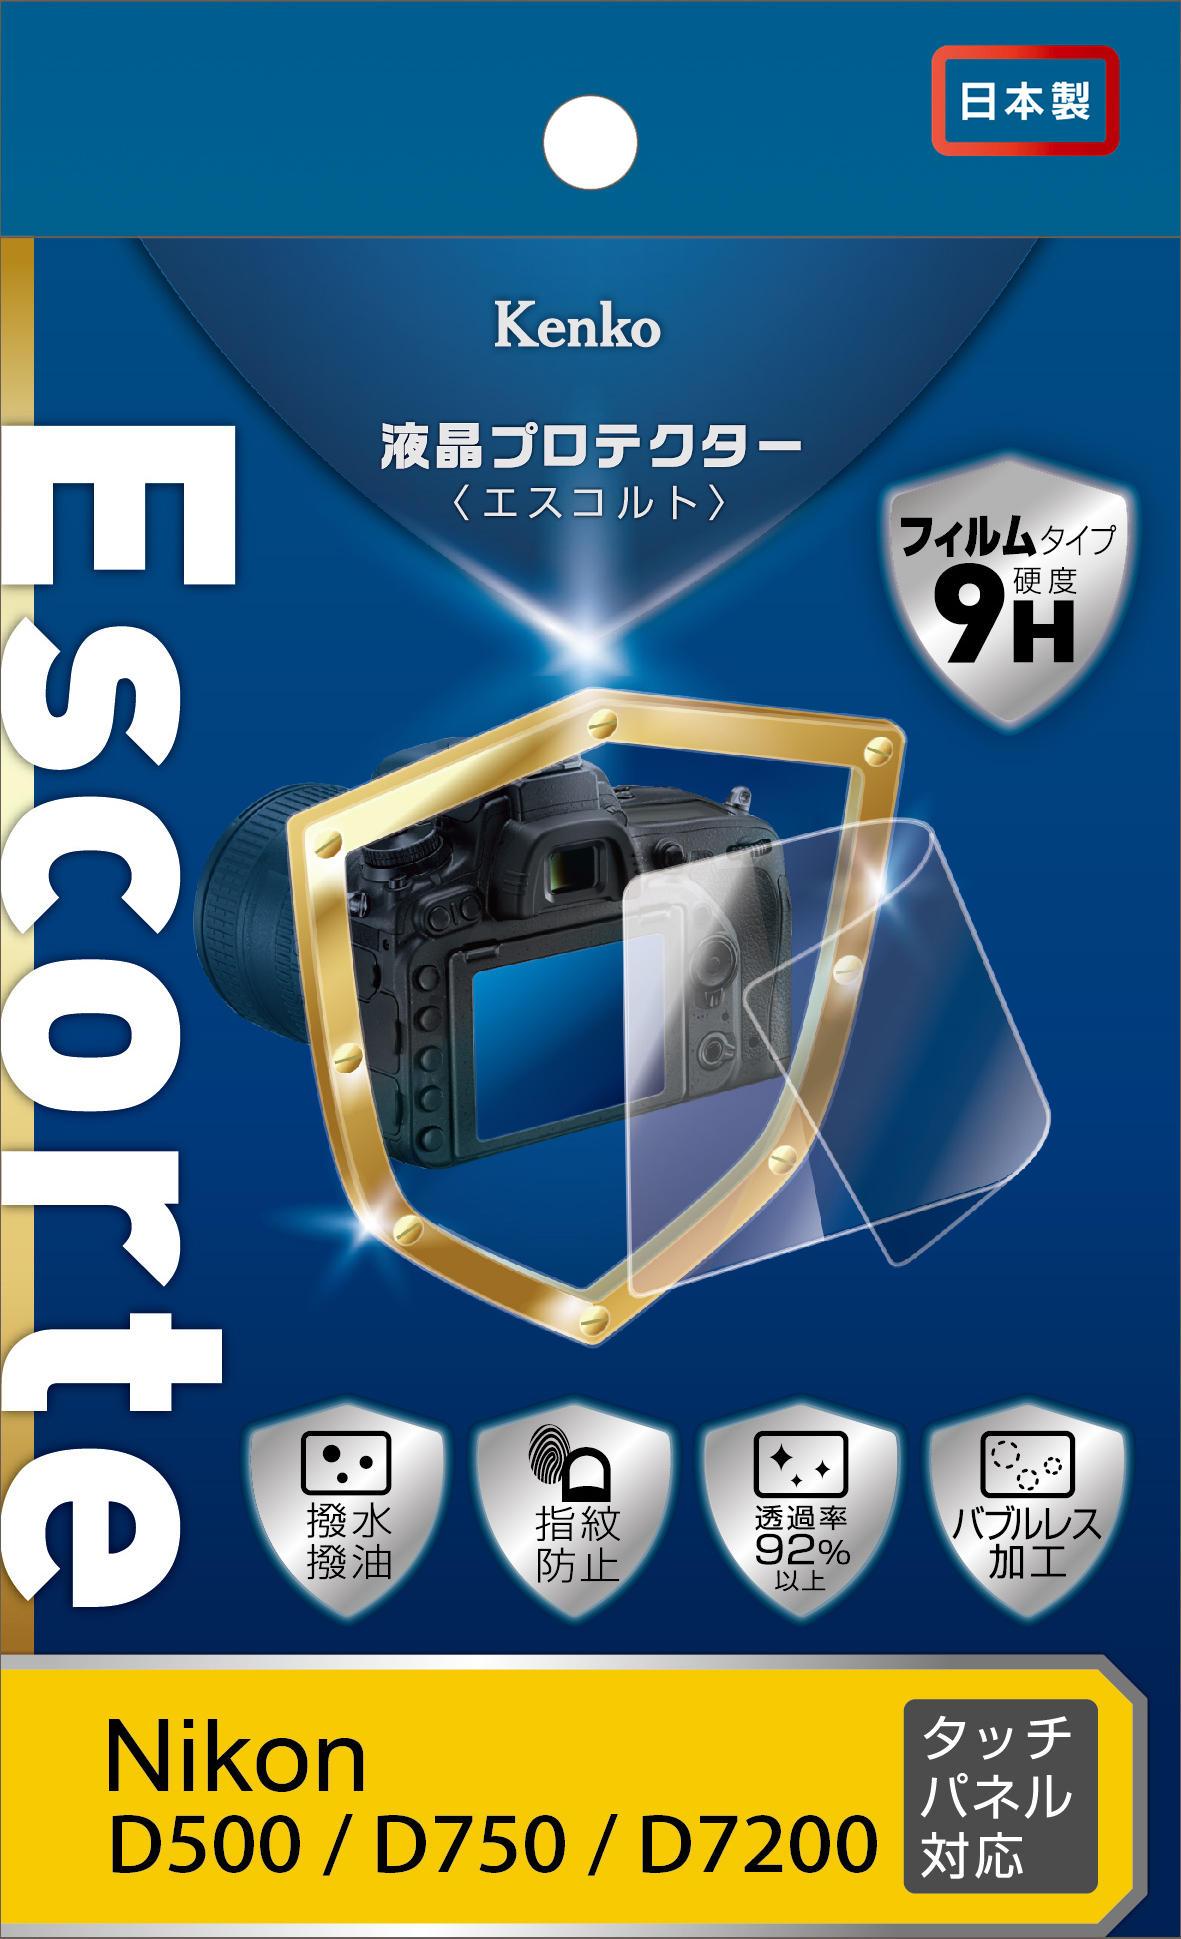 http://www.kenko-tokina.co.jp/imaging/eq/mt-images/4961607281703.jpg